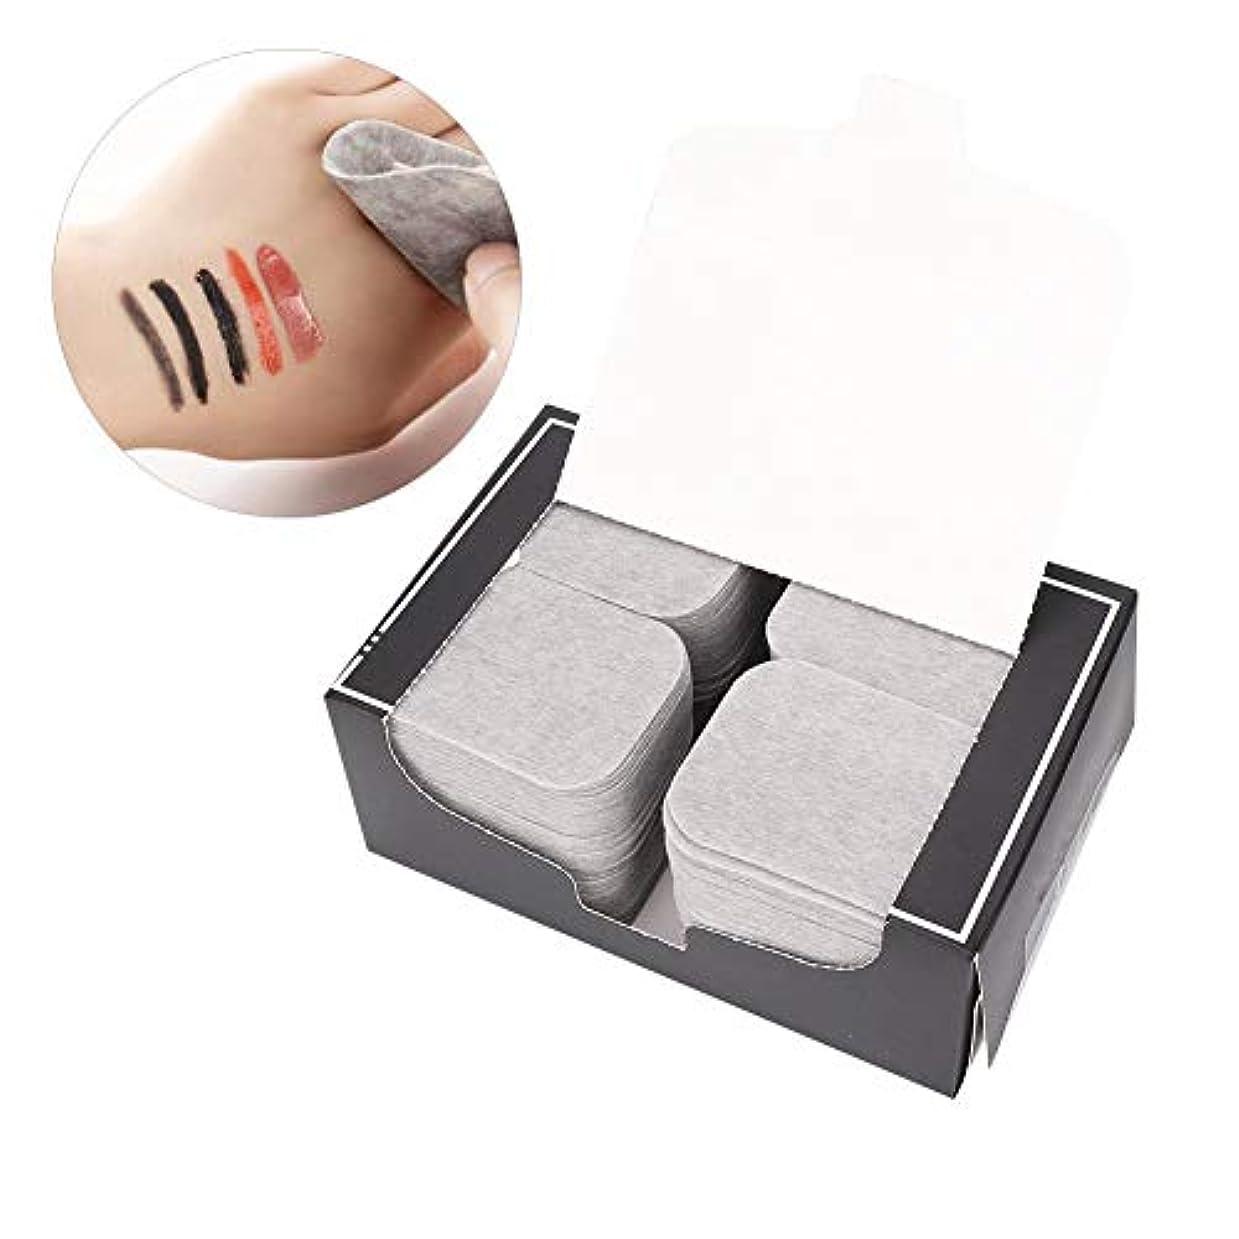 失速ファンド意味する200ピース竹炭タオルメイクアップフェイスクレンジングパッド化粧品除去ツール